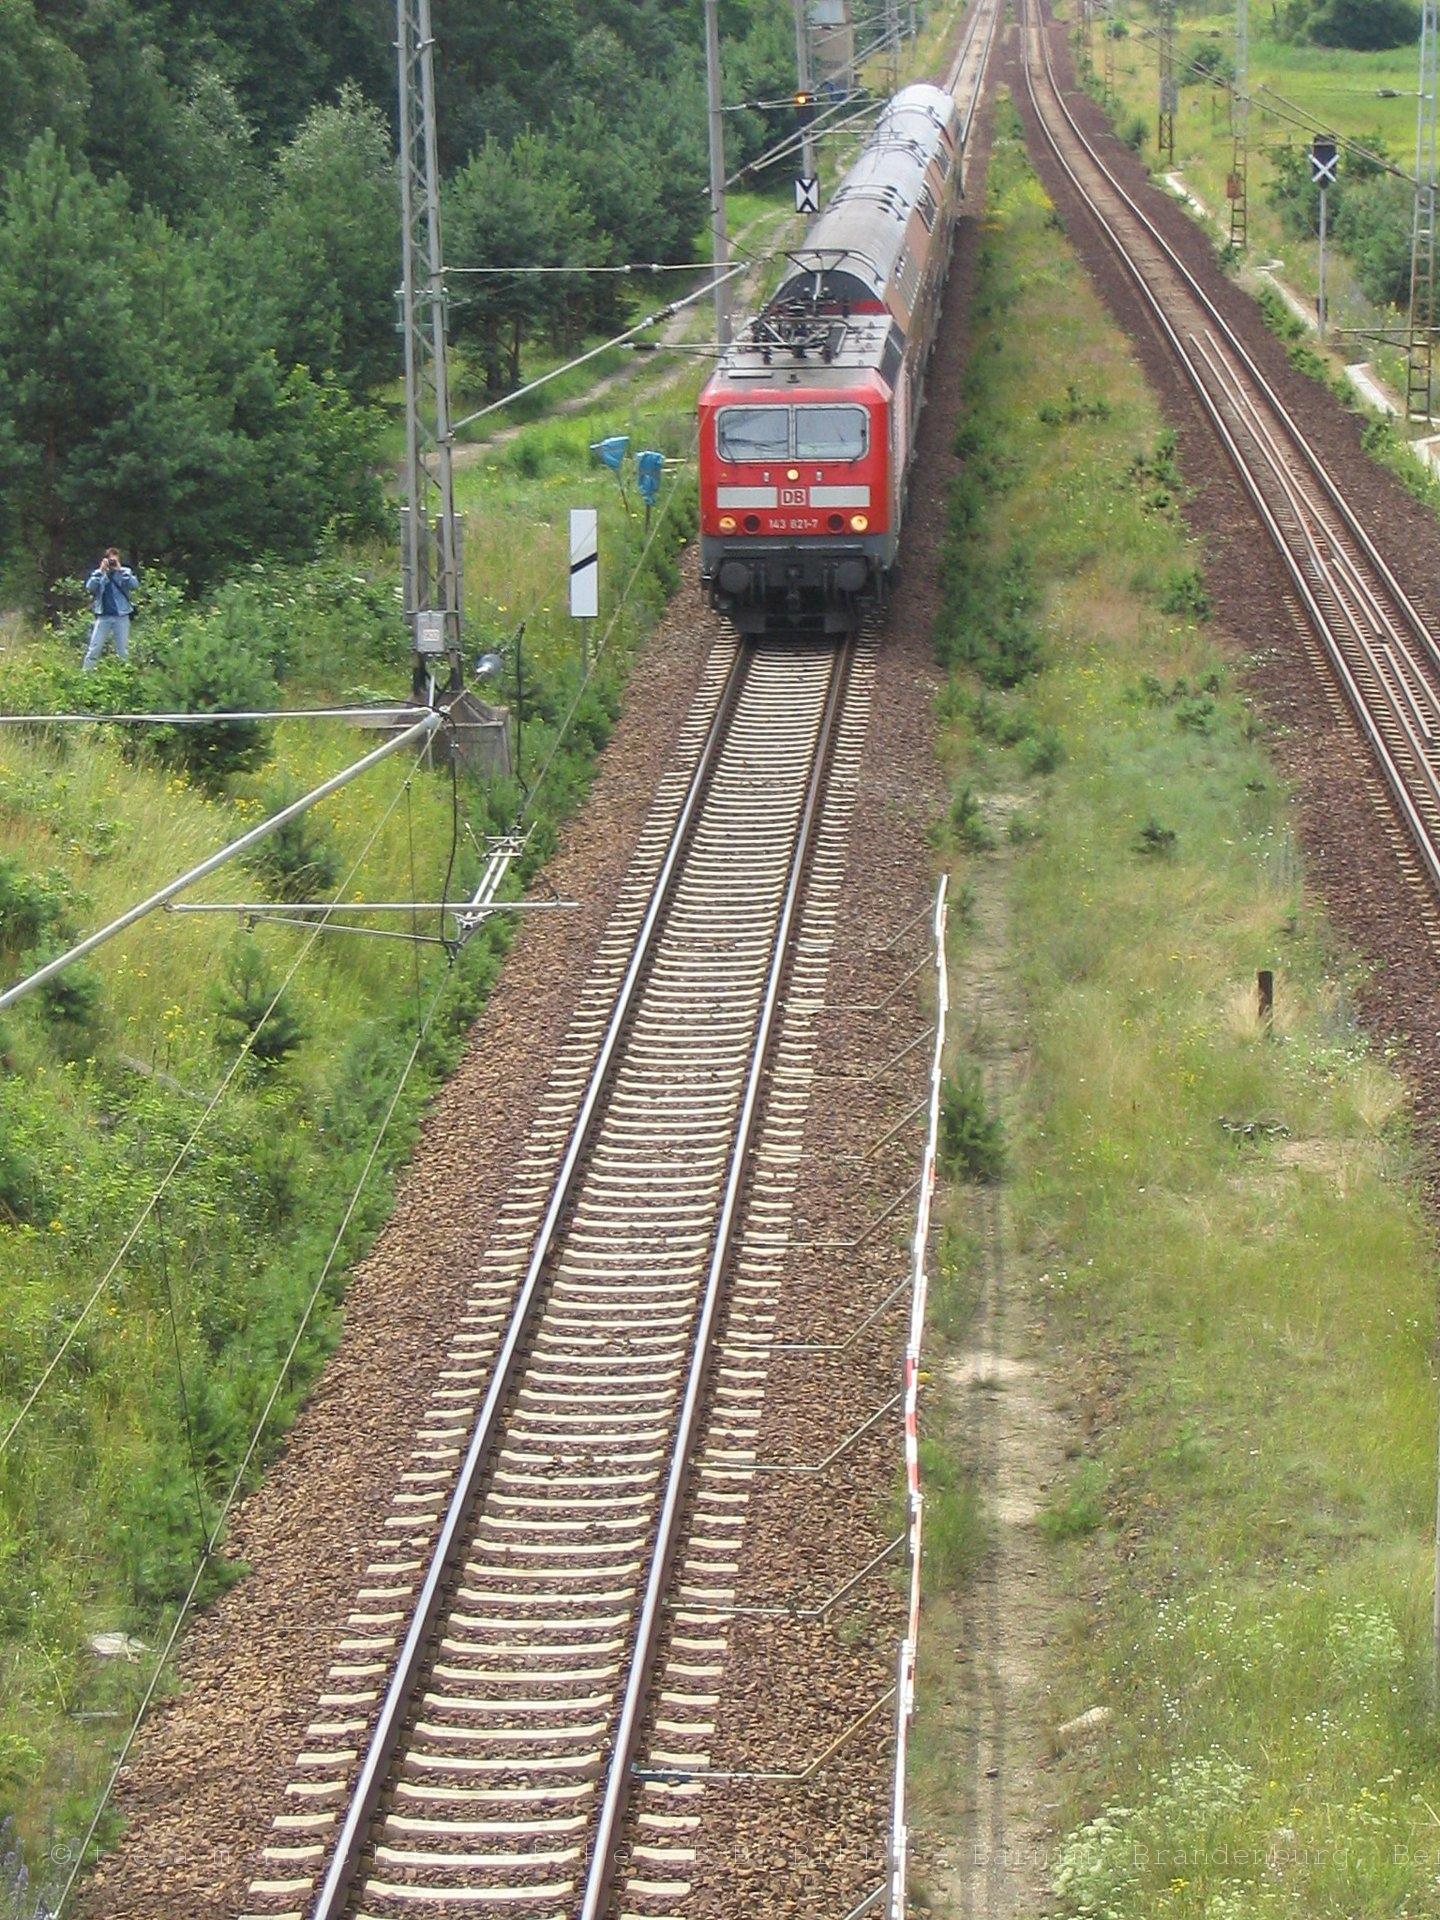 143 821-7 mit RE3 kurz vor dem Kreuzungsbauwerk mit dem Oder-Havel-Kanal